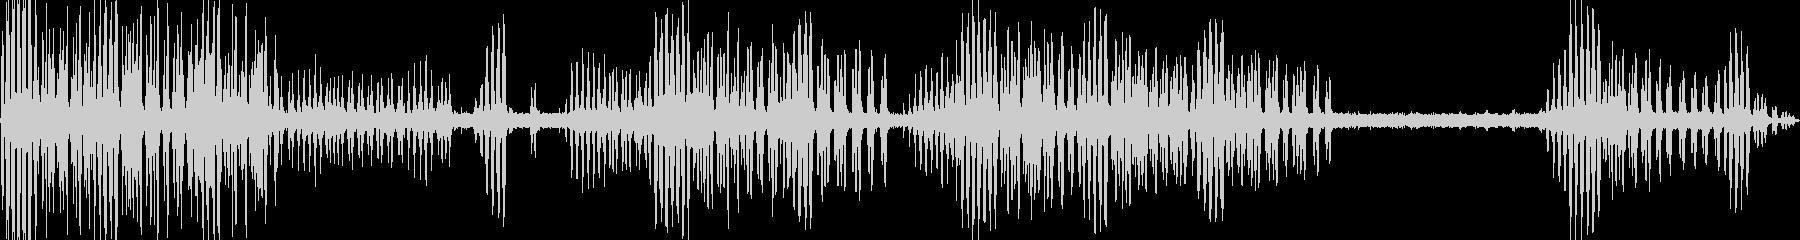 水辺で聴こえるコオロギの鳴き声の未再生の波形